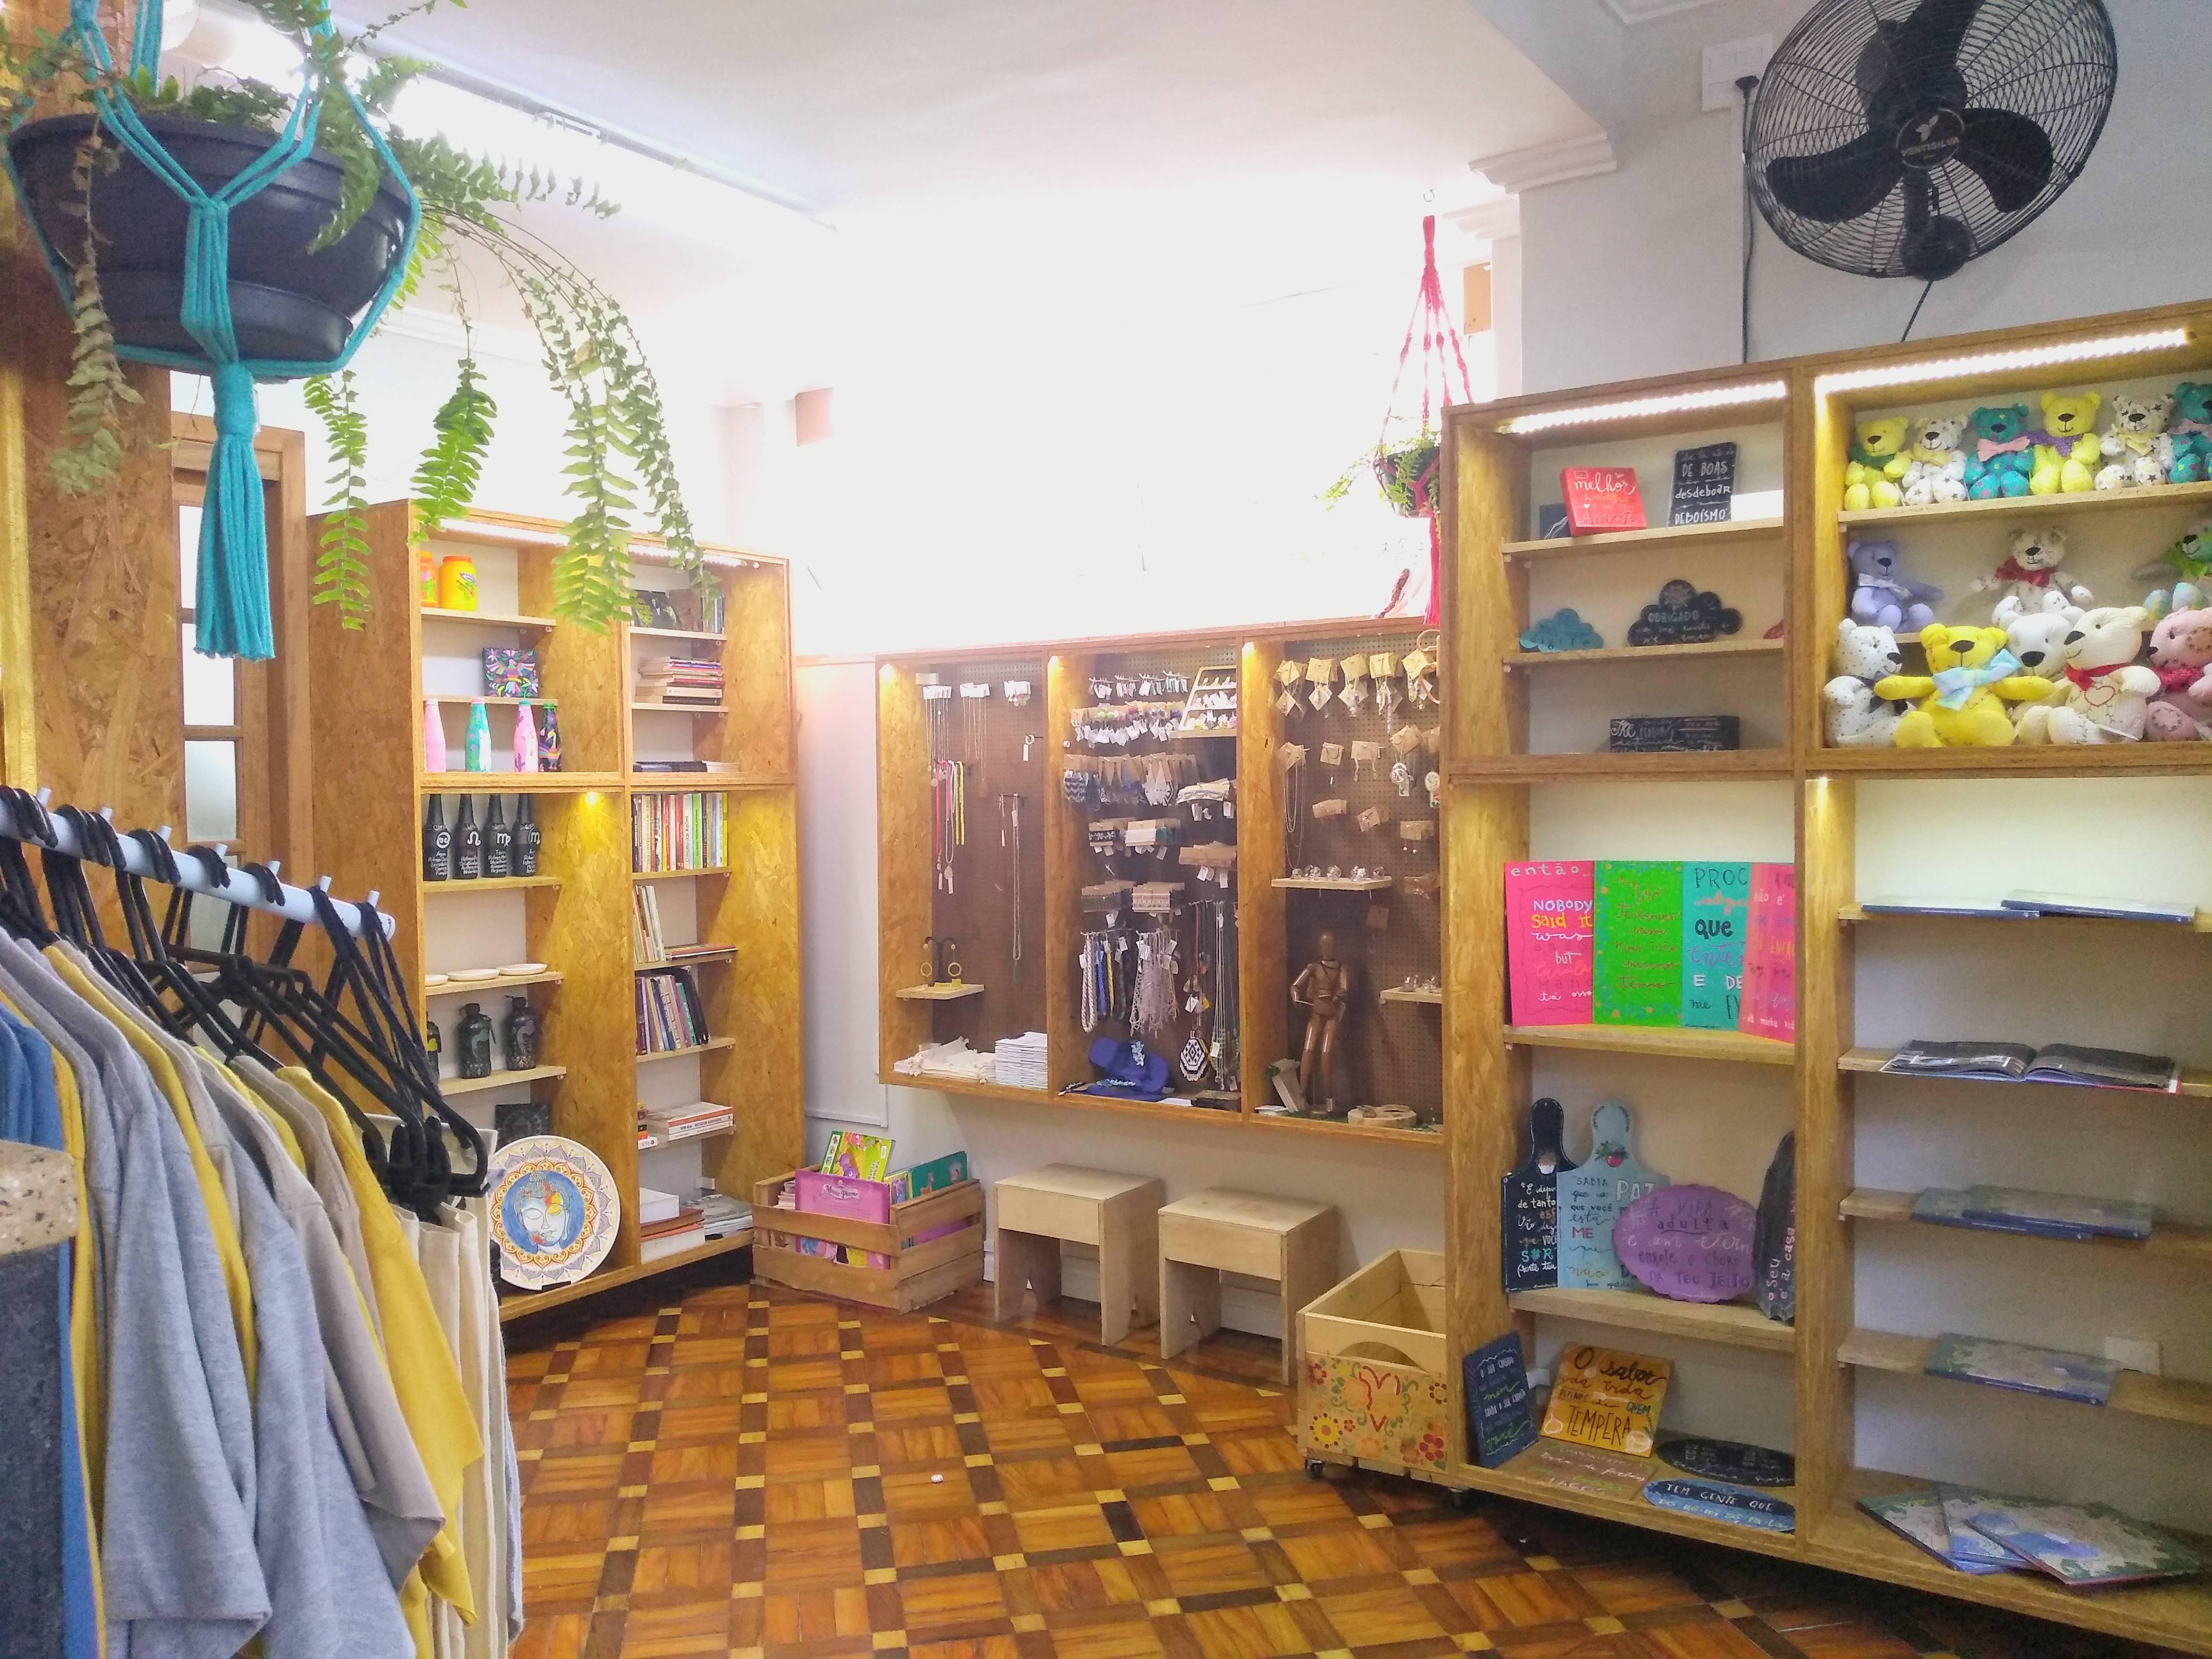 www.juicysantos.com.br - espaço mrn artesanato colaborativo em santos sp